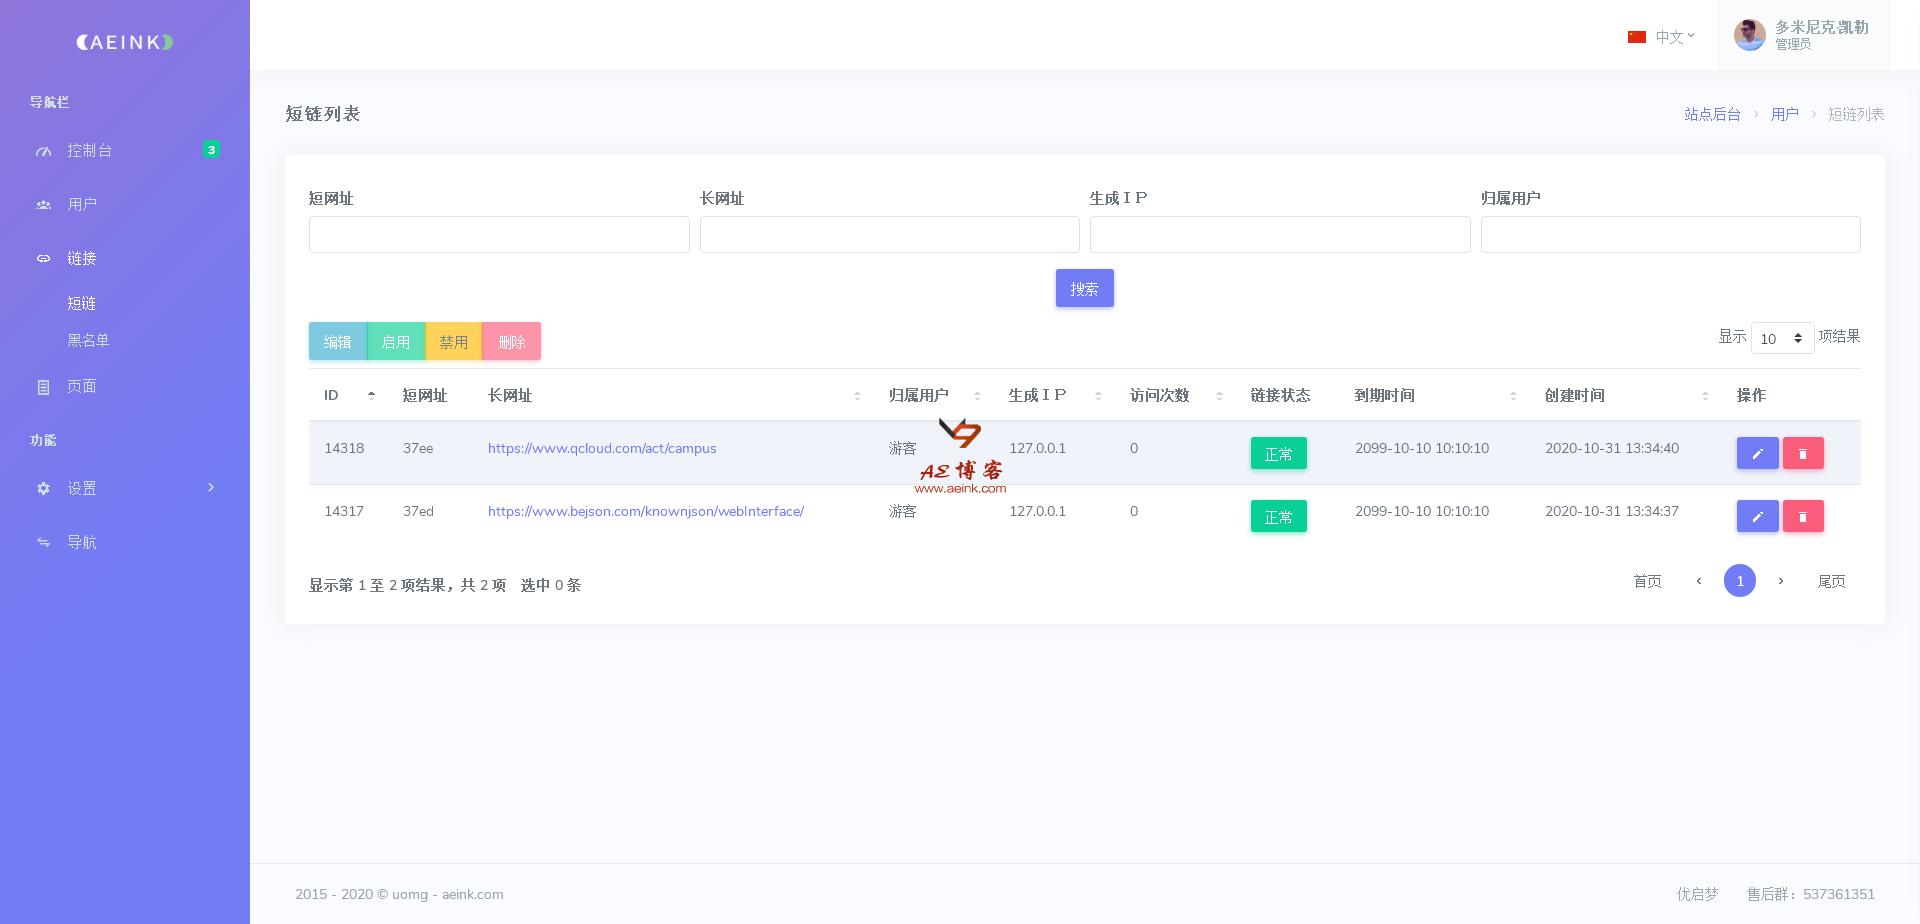 短链列表 - 优启梦定制平台.png